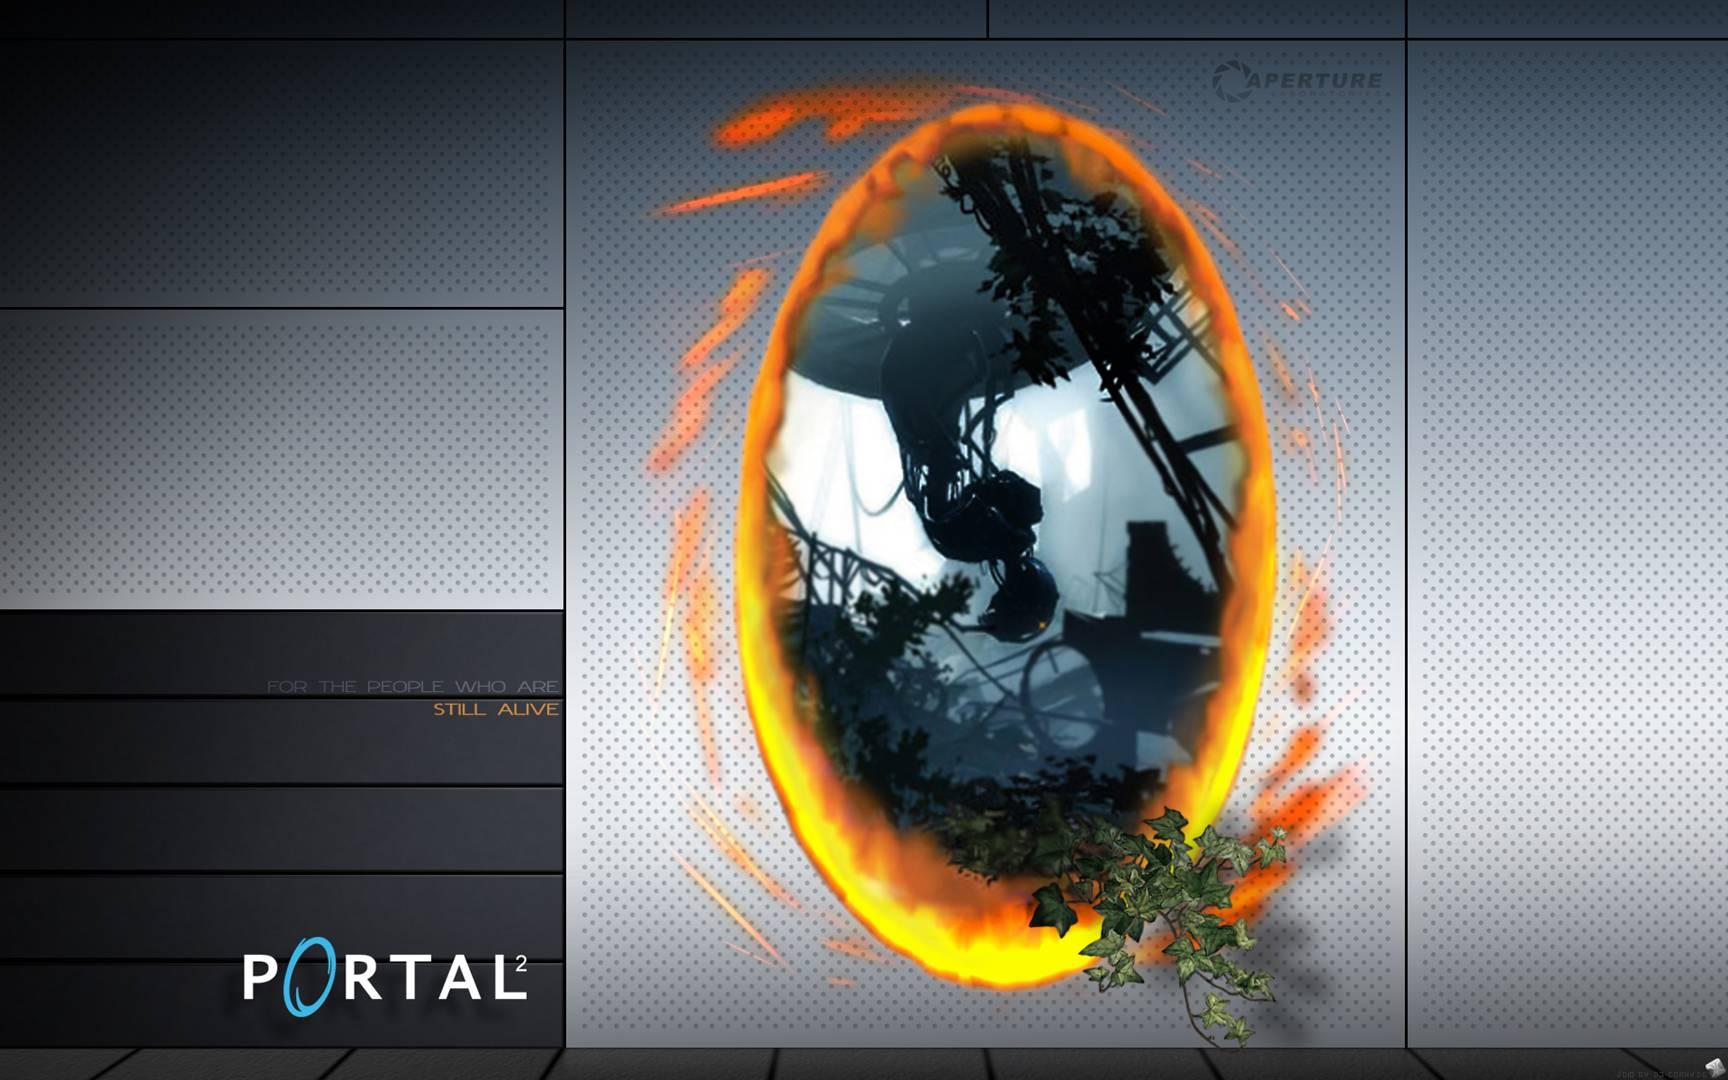 Portal 2 Wallpapers in full 1080P HD GamingBoltcom Video Game 1728x1080